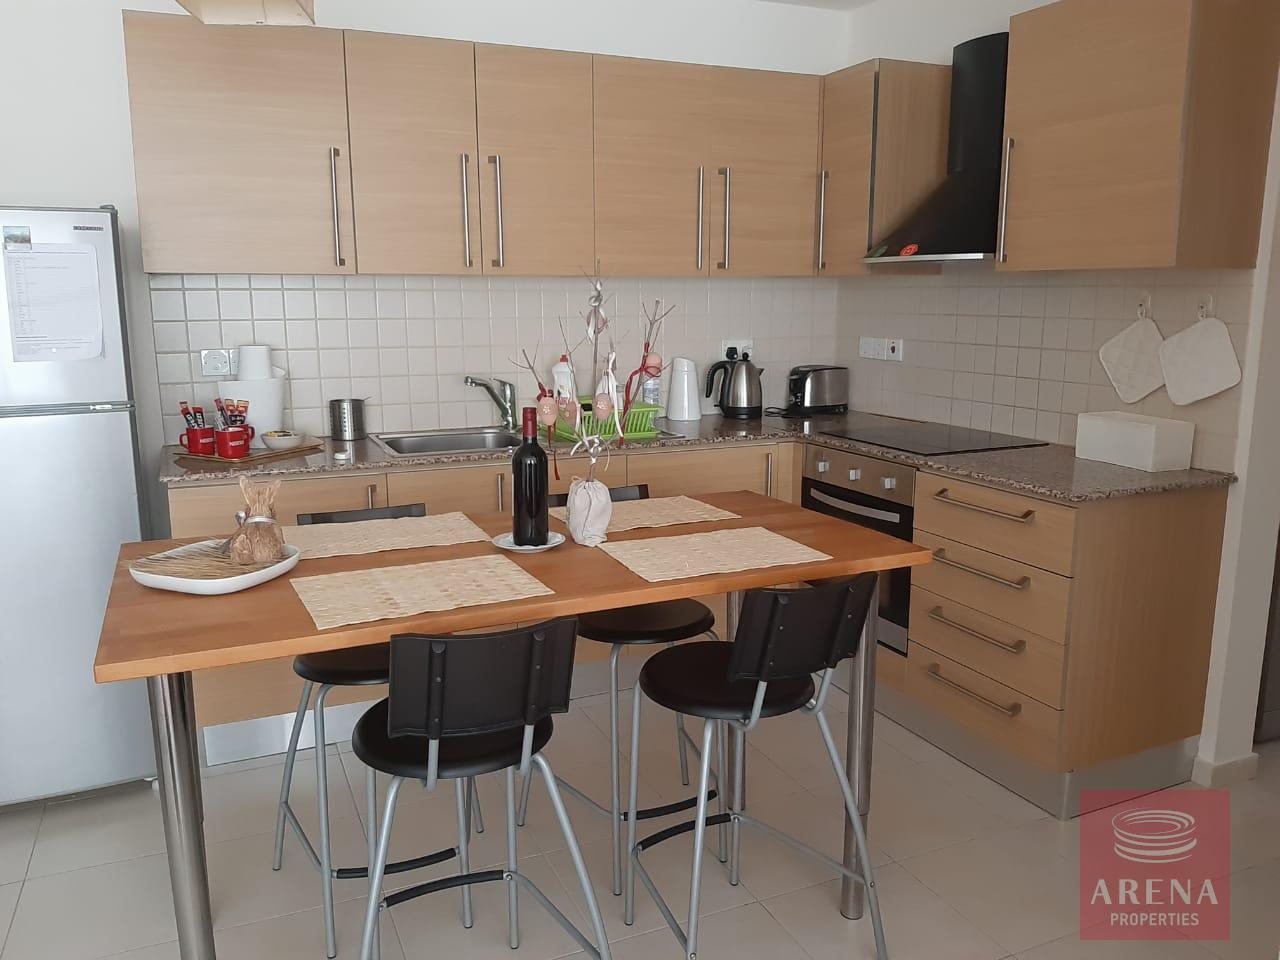 apt in mazotos for rent - kitchen